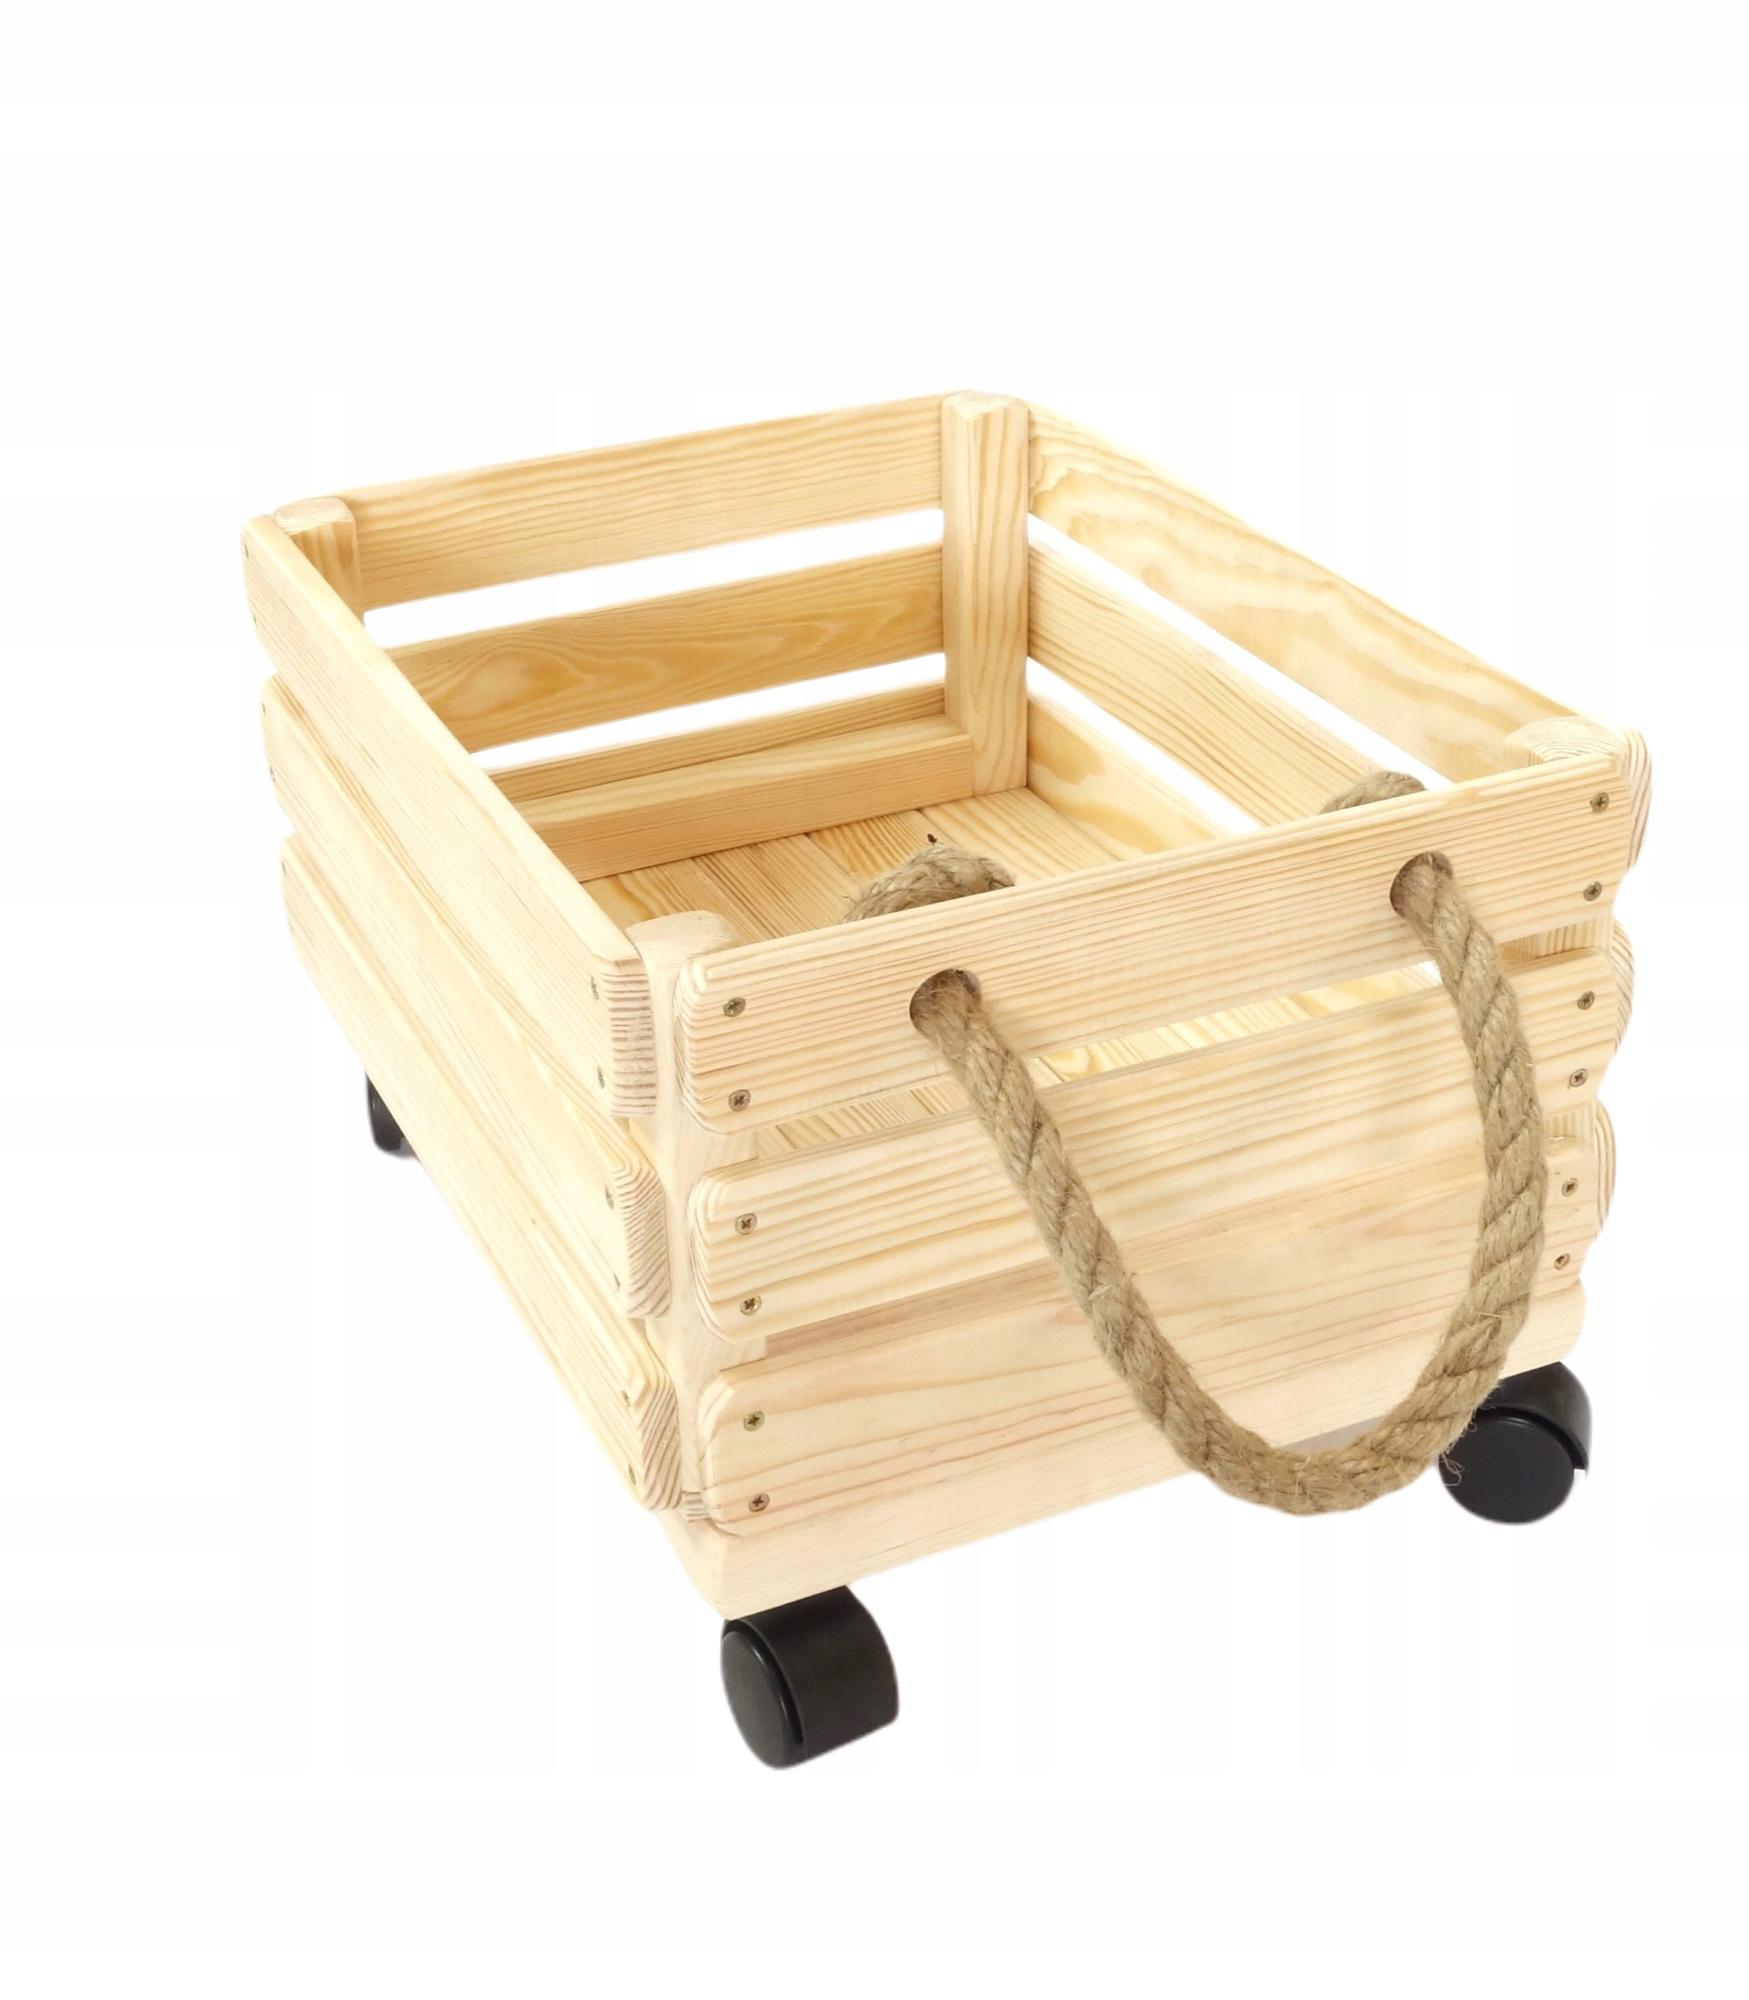 Деревянный ящик для игрушек, тара полированная.